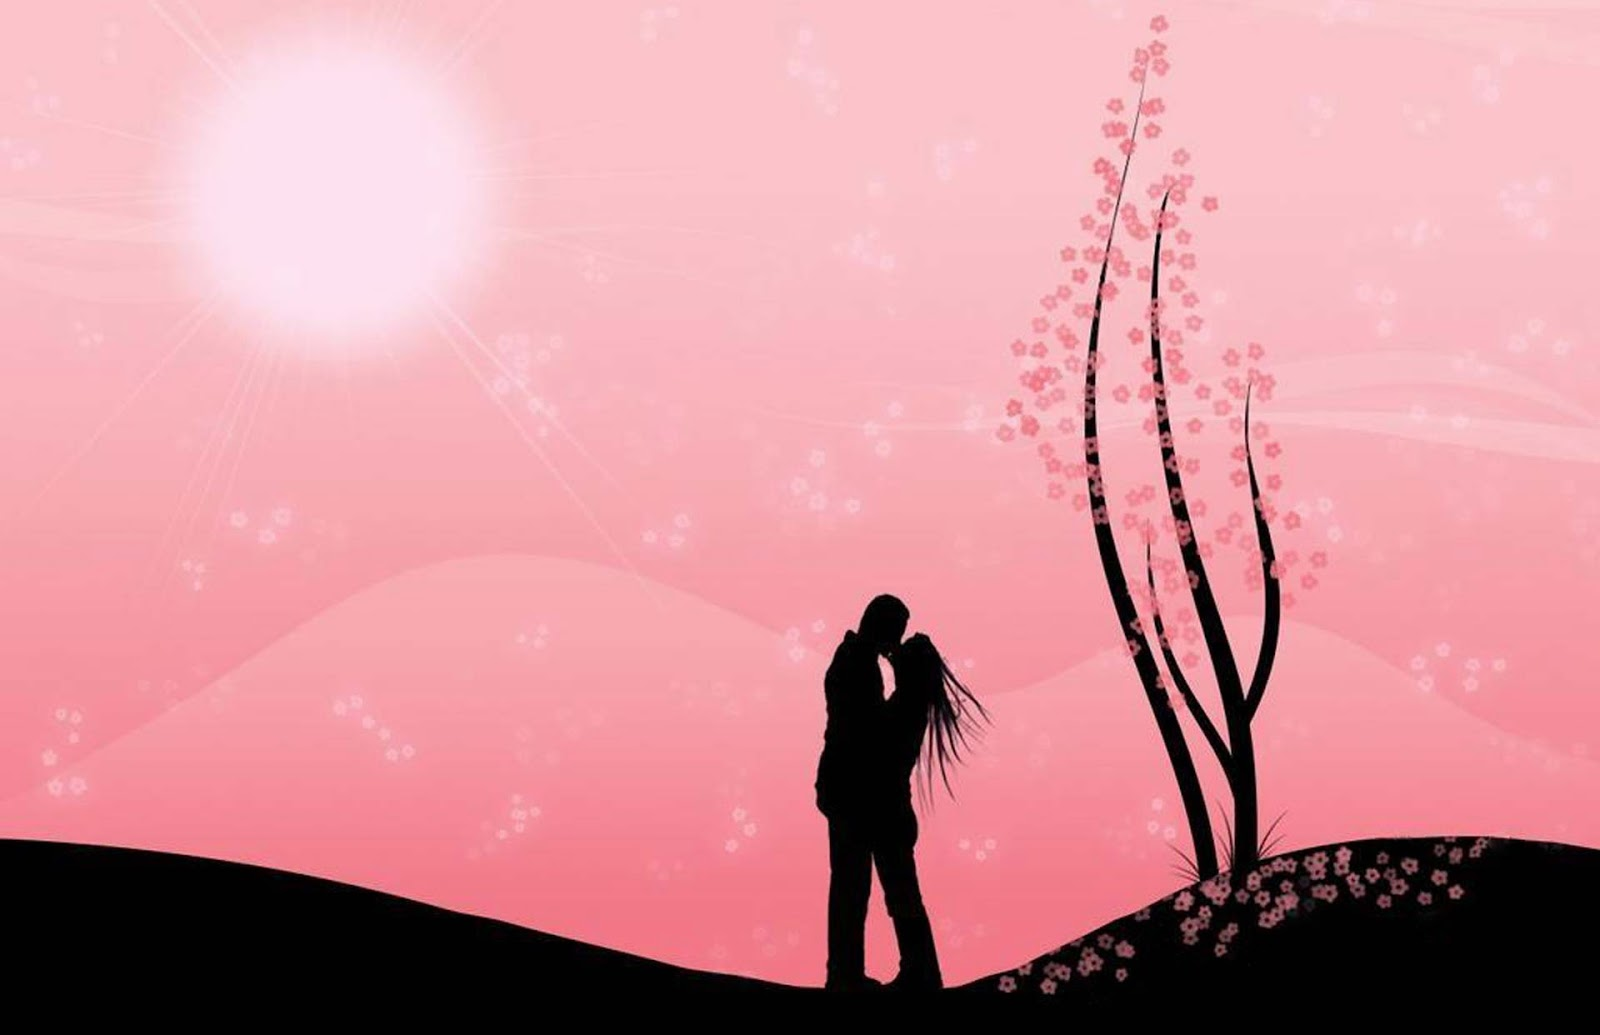 Frases de amor, feliz, unidos, pasión, tempestad, calma.